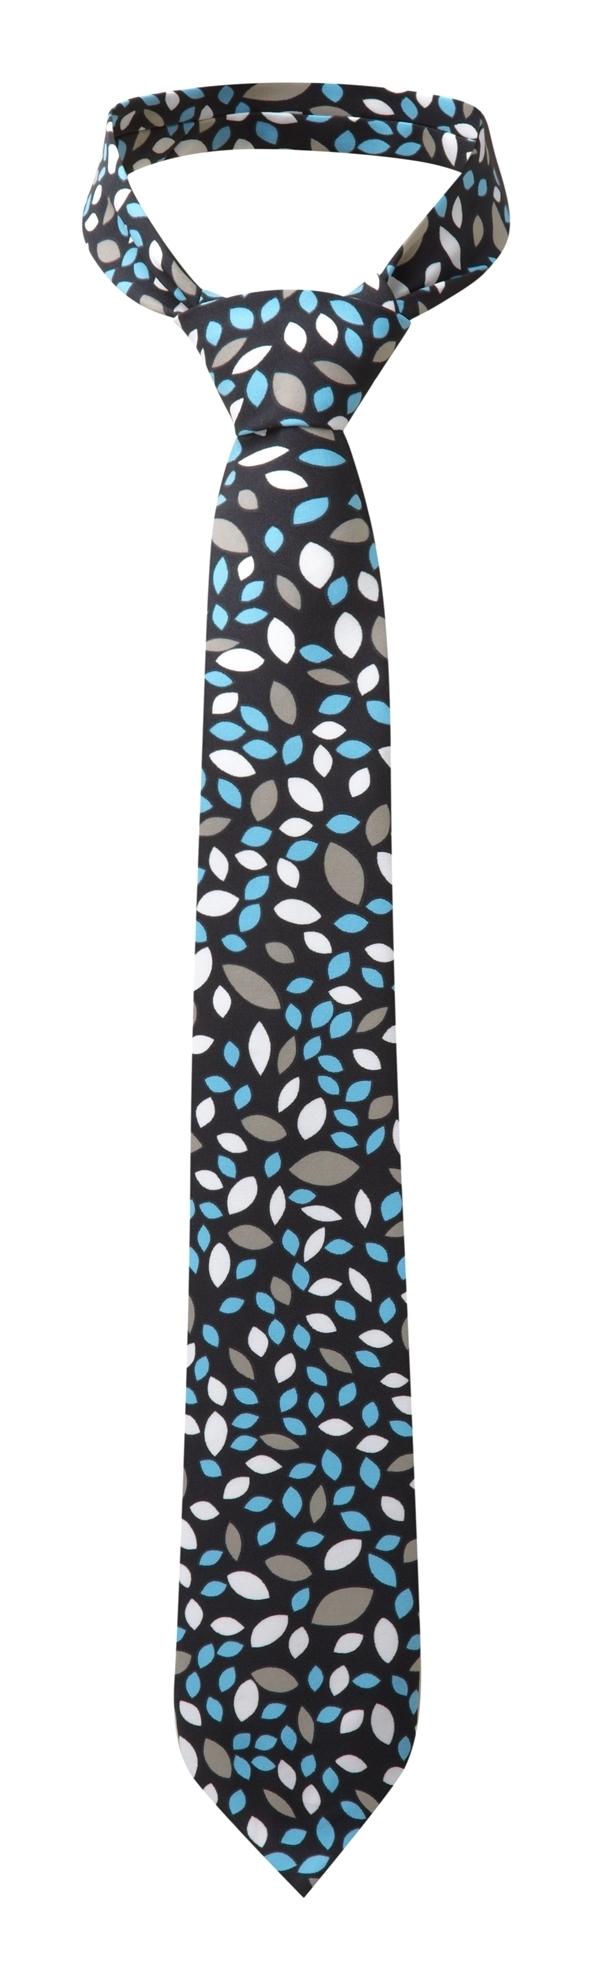 Picture of Print Tie - Navy/Aqua Lauren Print